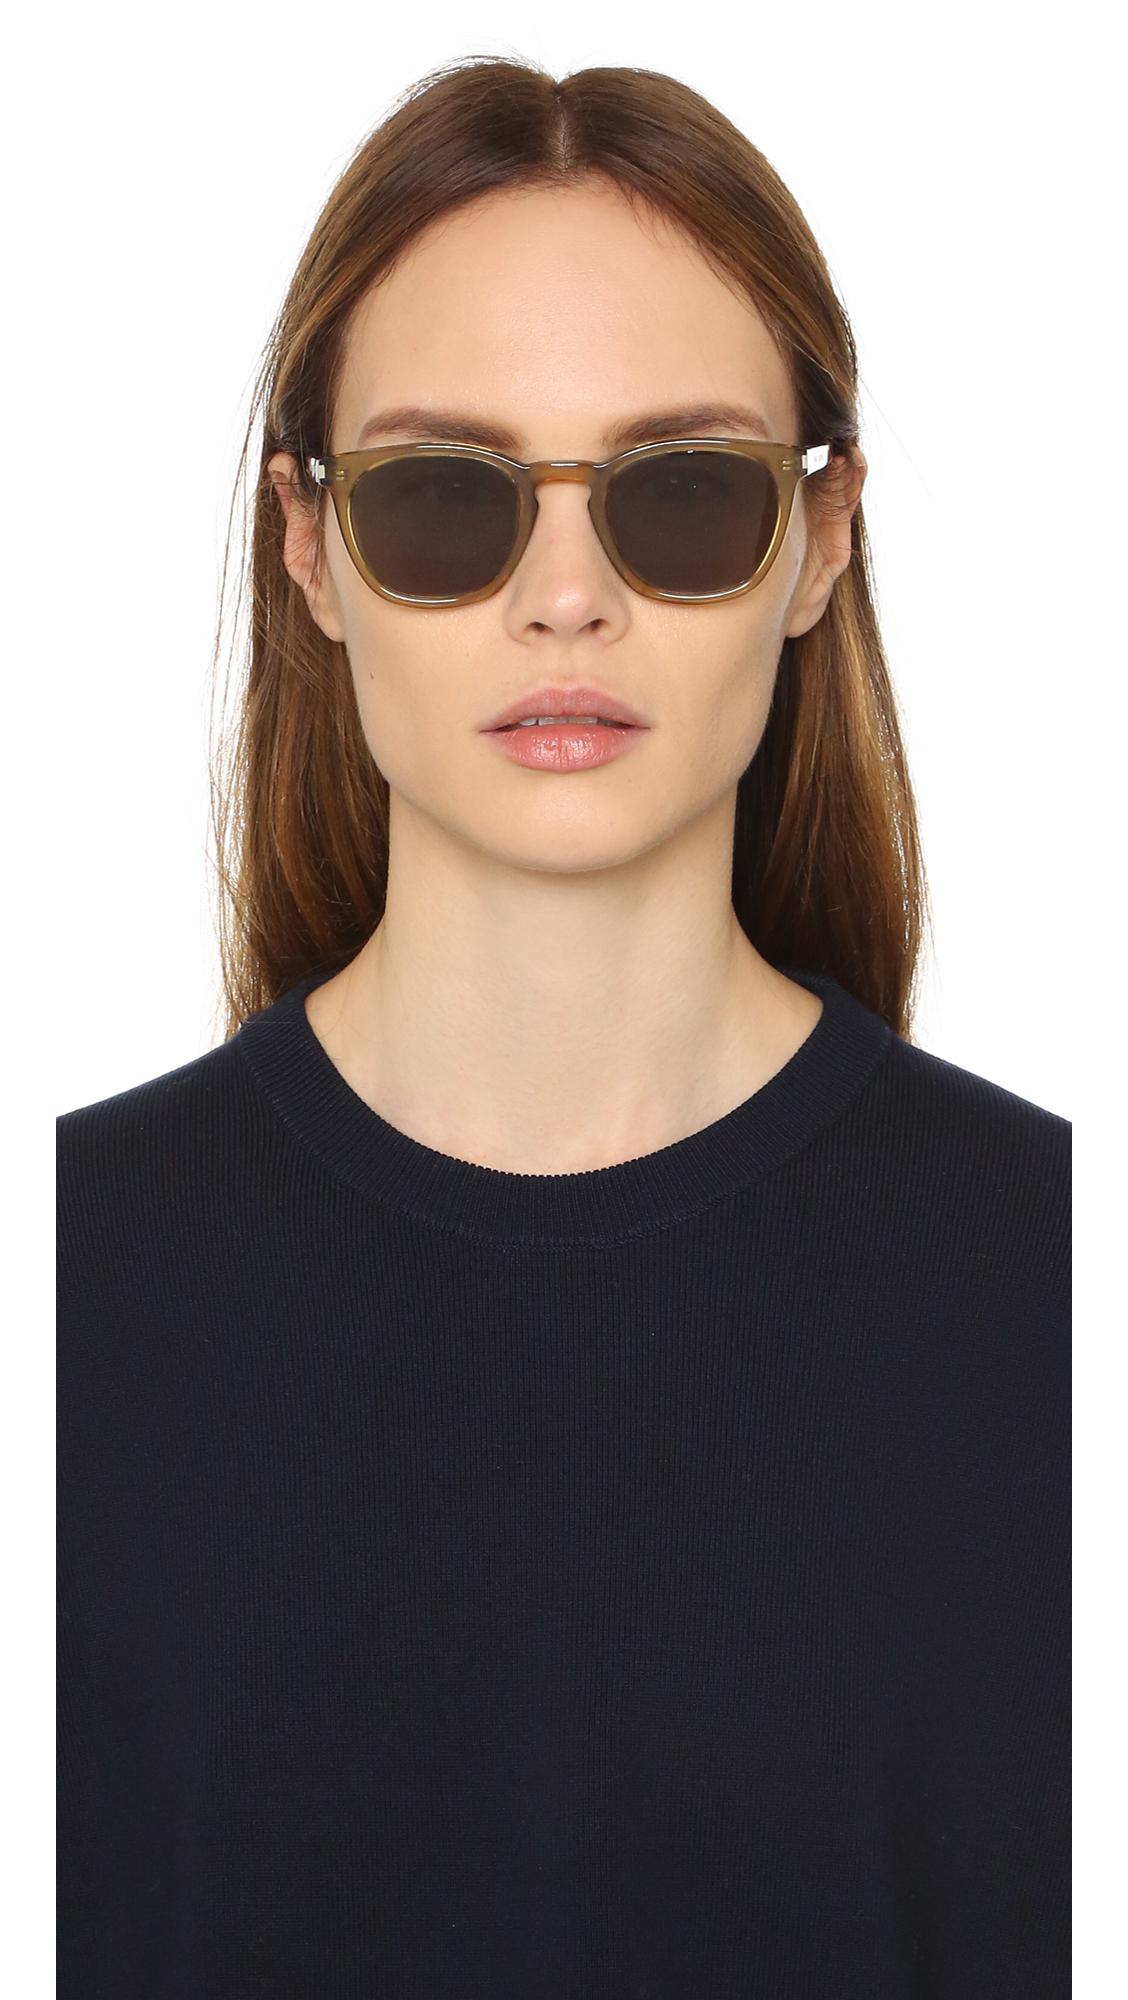 aa4df69f44b Saint Laurent SL 28 Sunglasses | SHOPBOP